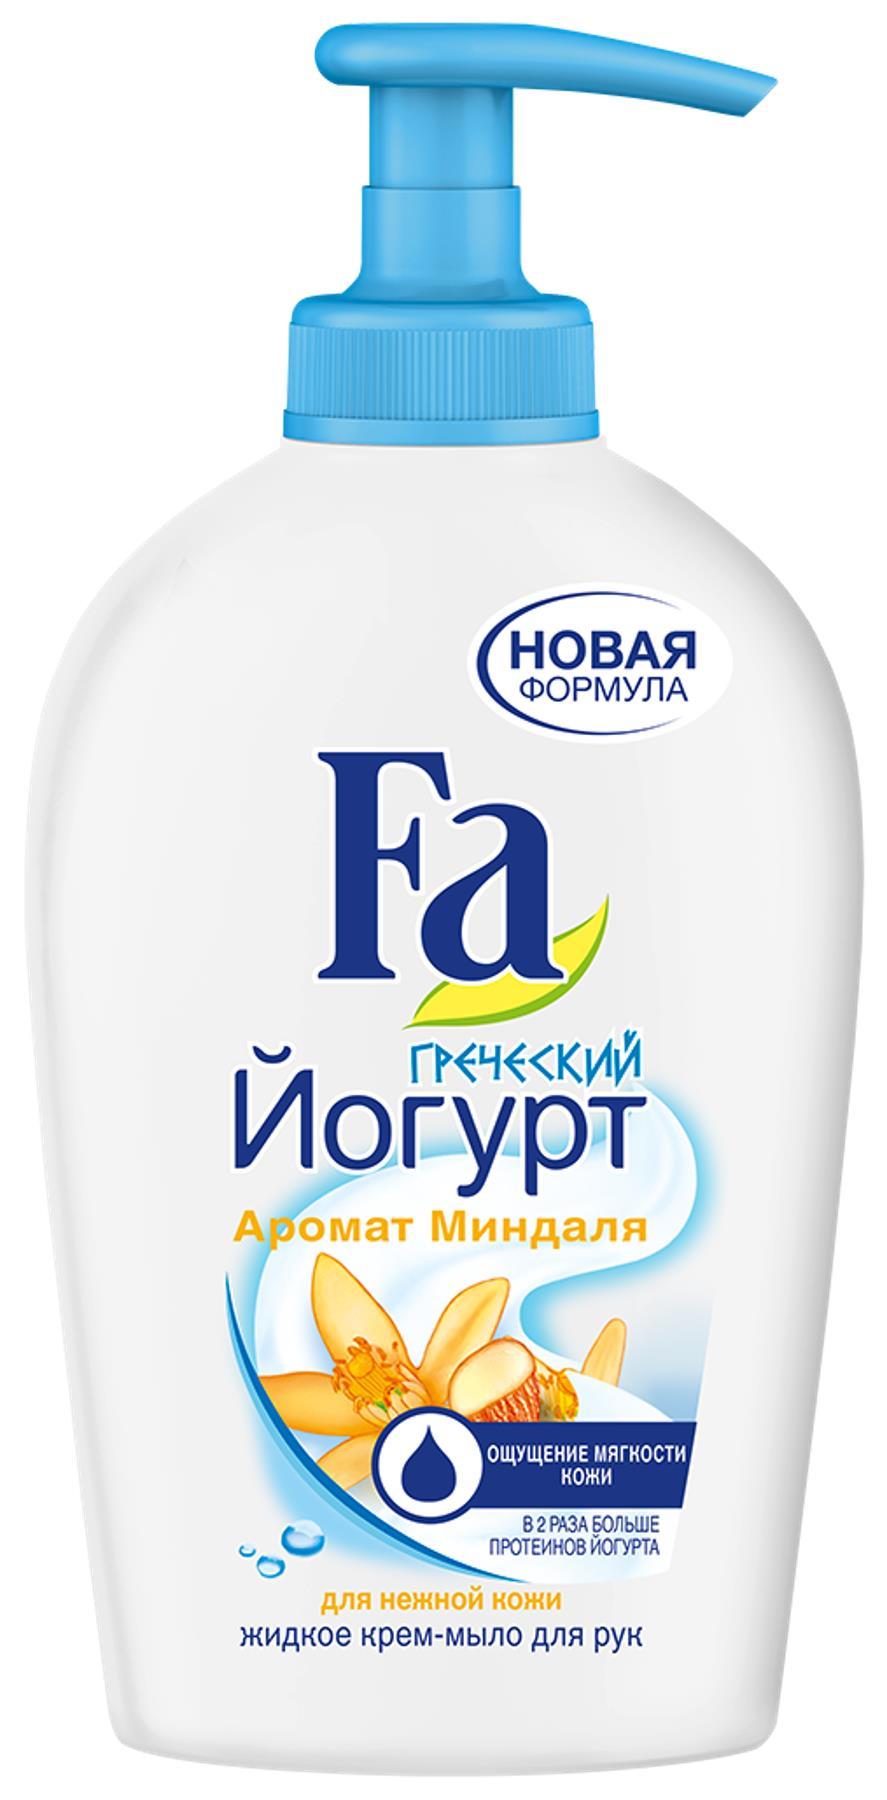 Fa Жидкое крем-мыло геческий Йогурт Миндаль, 250 мл dove жидкое крем мыло прикосновение свежести 250 мл